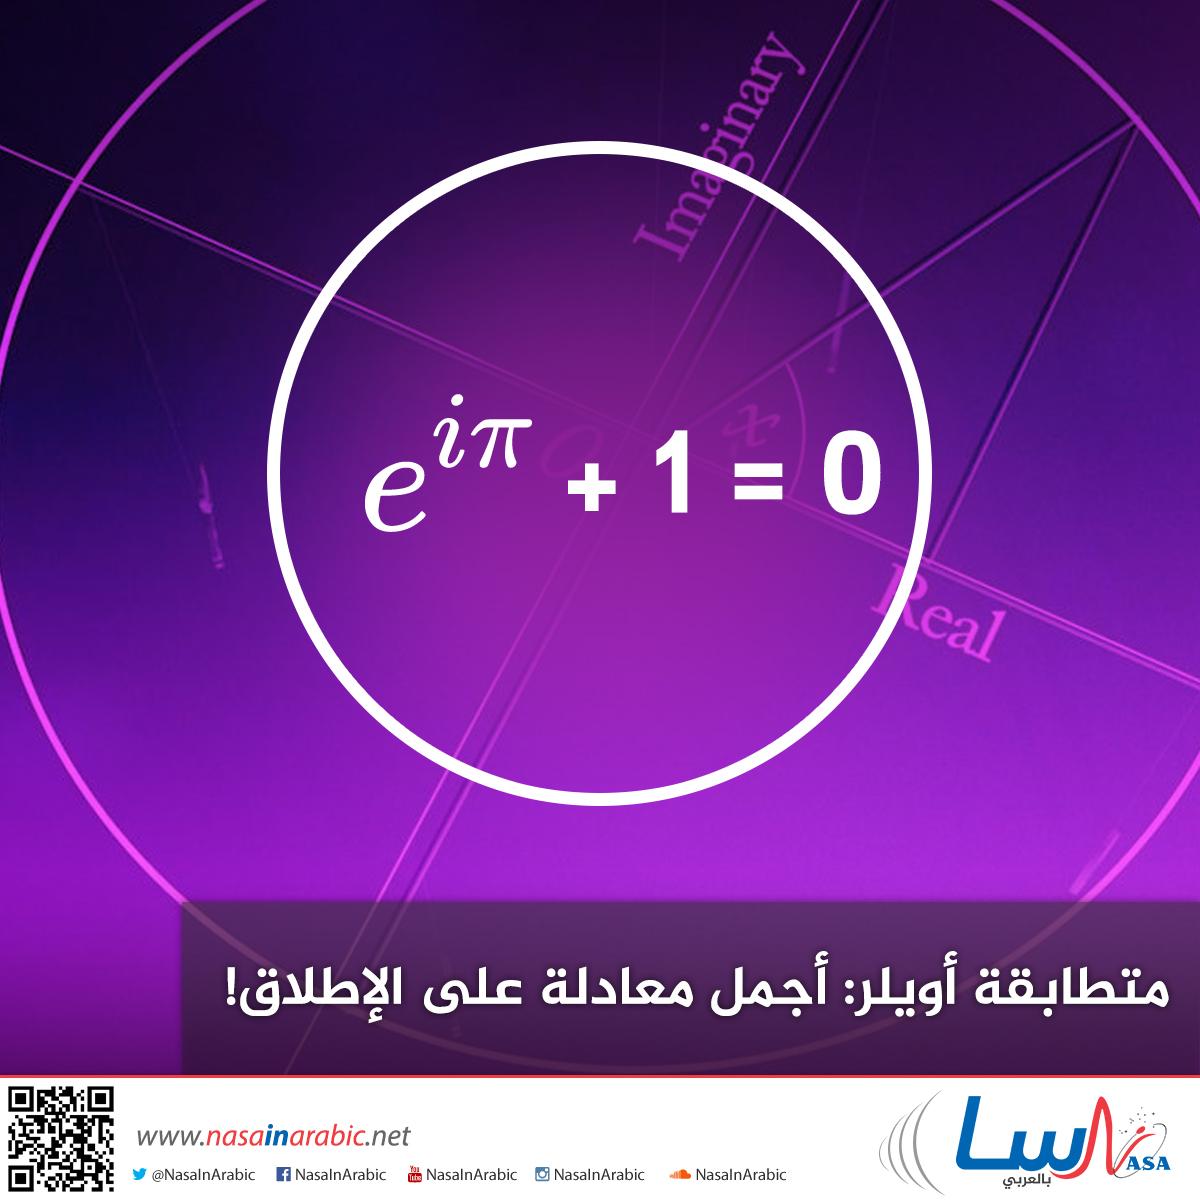 متطابقة أويلر: أجمل معادلة على الإطلاق!